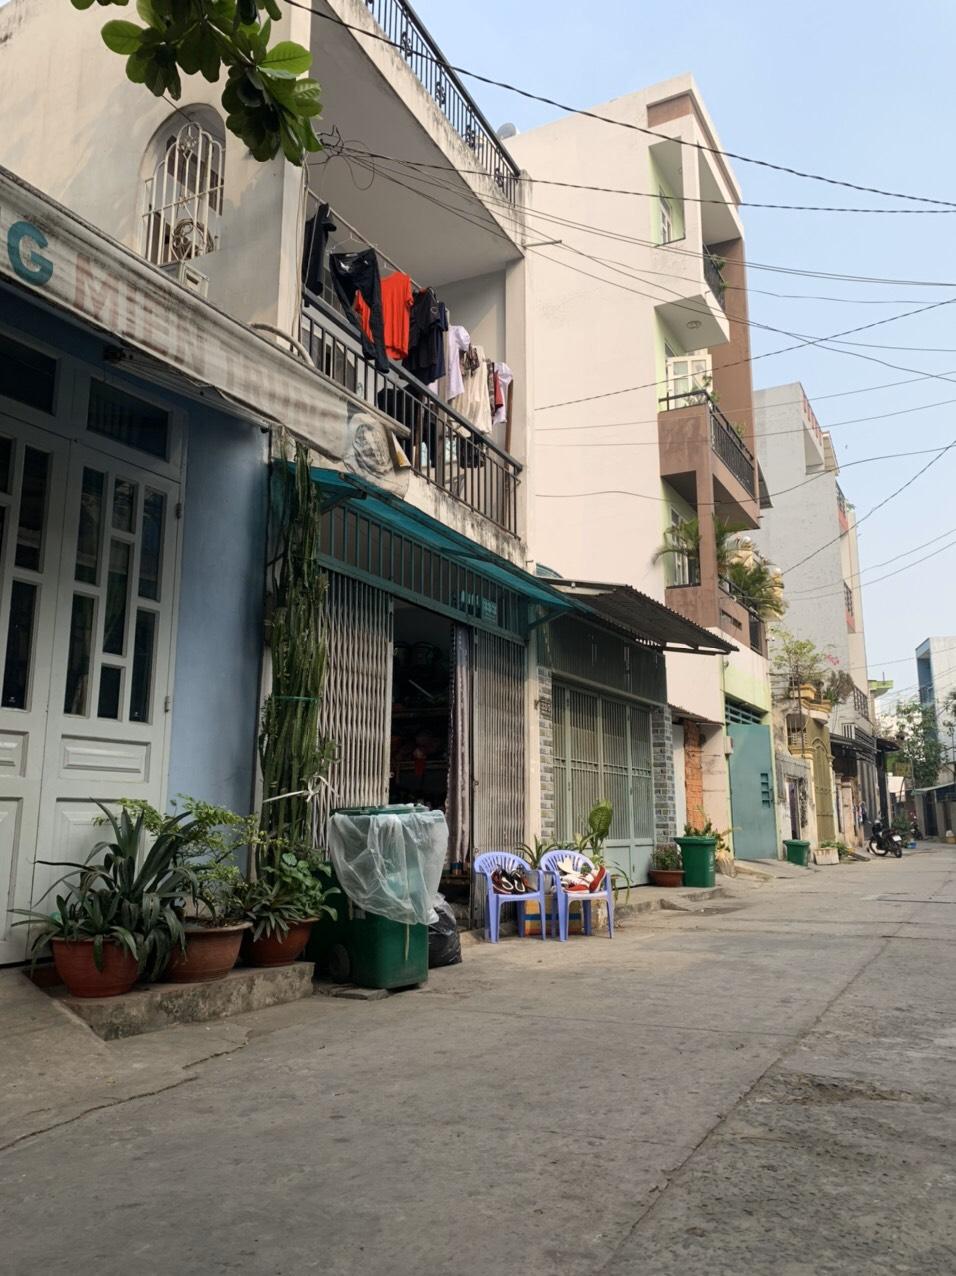 Bán nhà hẻm 33 Đường số 5 phường Bình Hưng Hòa quận Bình Tân. DT 4x12m